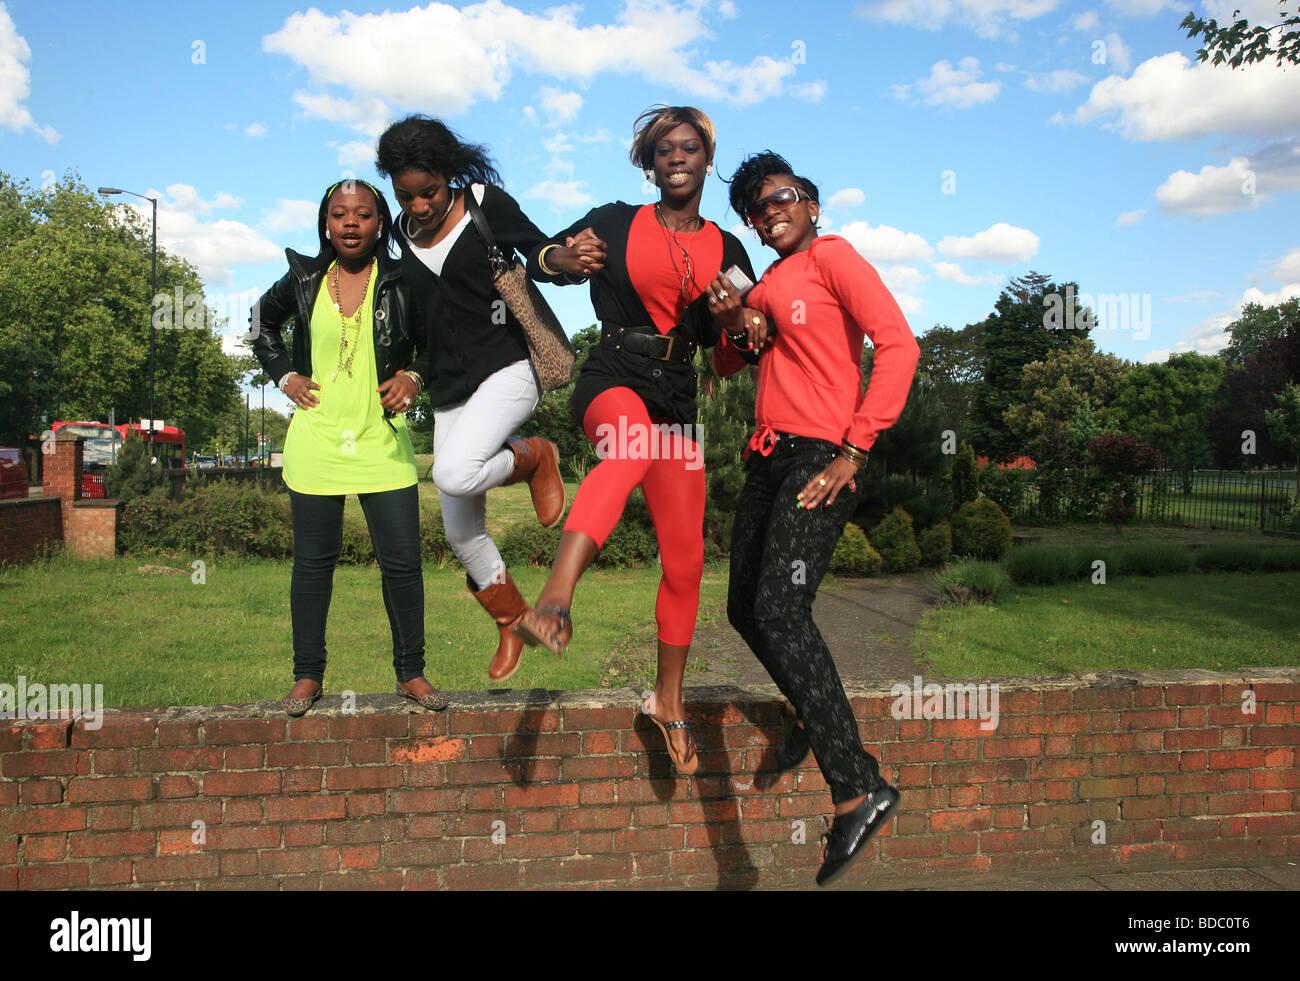 4 elegante negro amigos saltando juntos, London, South, Camberwell UK 2009 Foto de stock